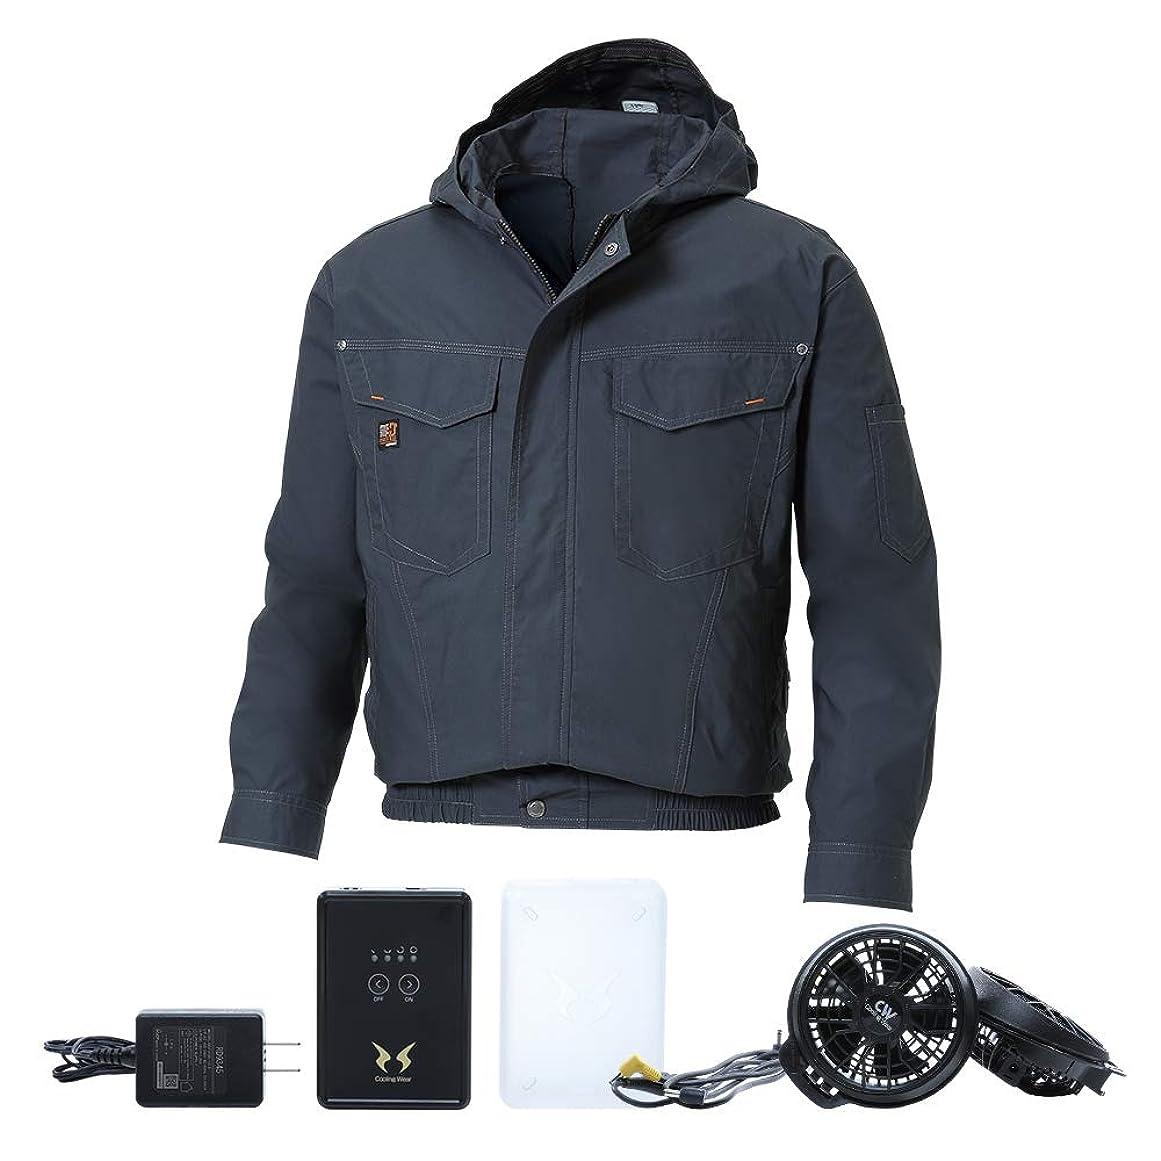 懺悔パール章サンエス 空調服 空調風神服 フード付長袖ワークブルゾン ファン バッテリー セット KU91410